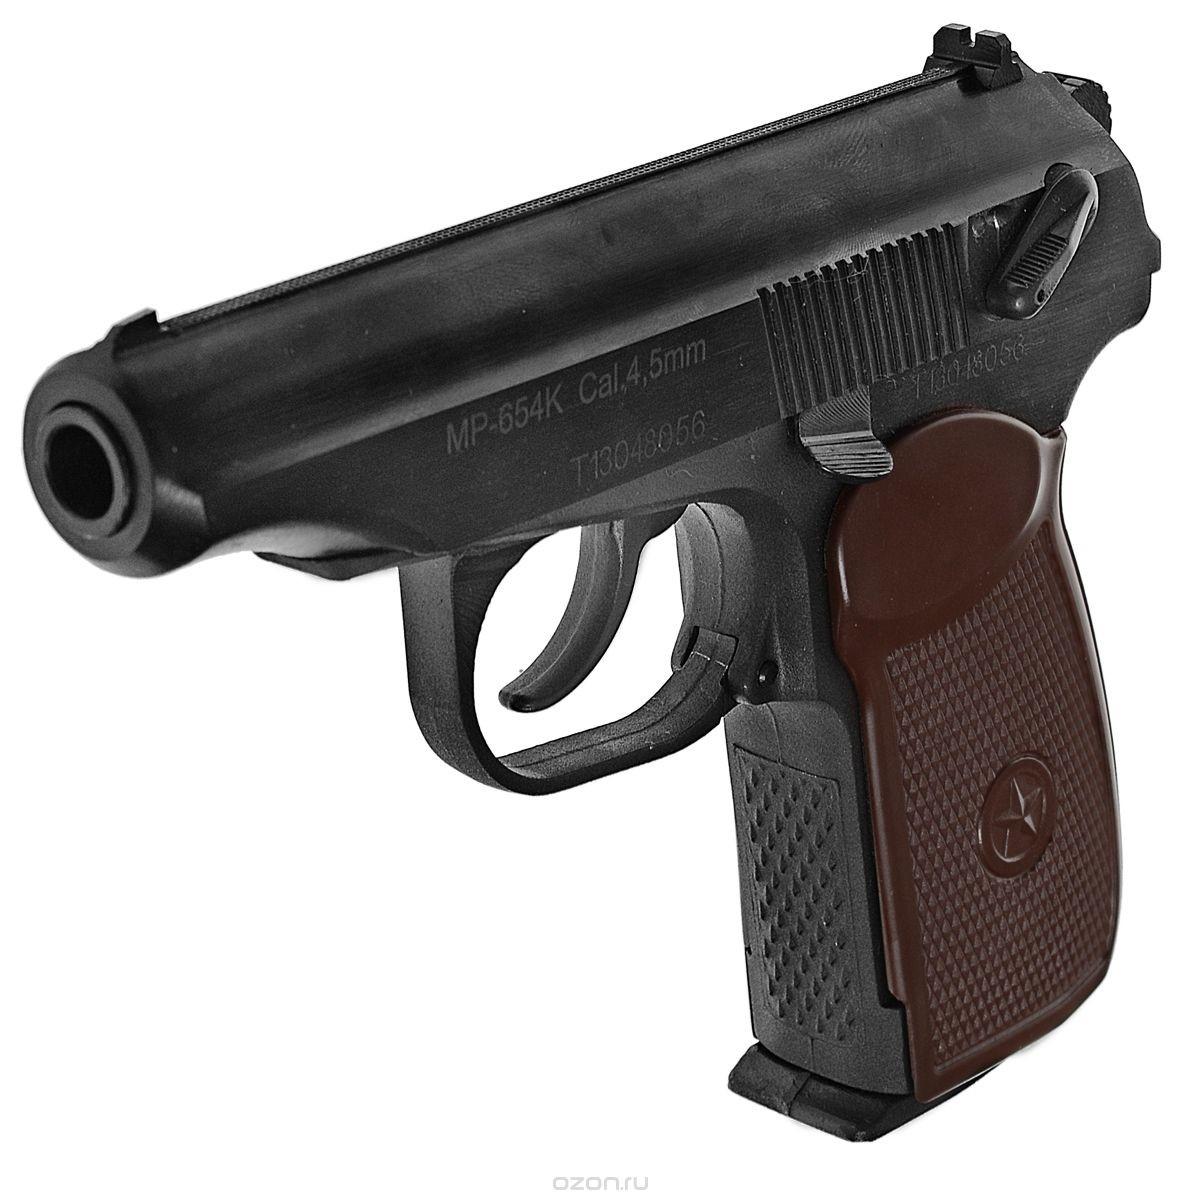 Пневматический пистолет Baikal MP-654 (пистолет Макарова) - Wildfish интернет-магазин  в Львове